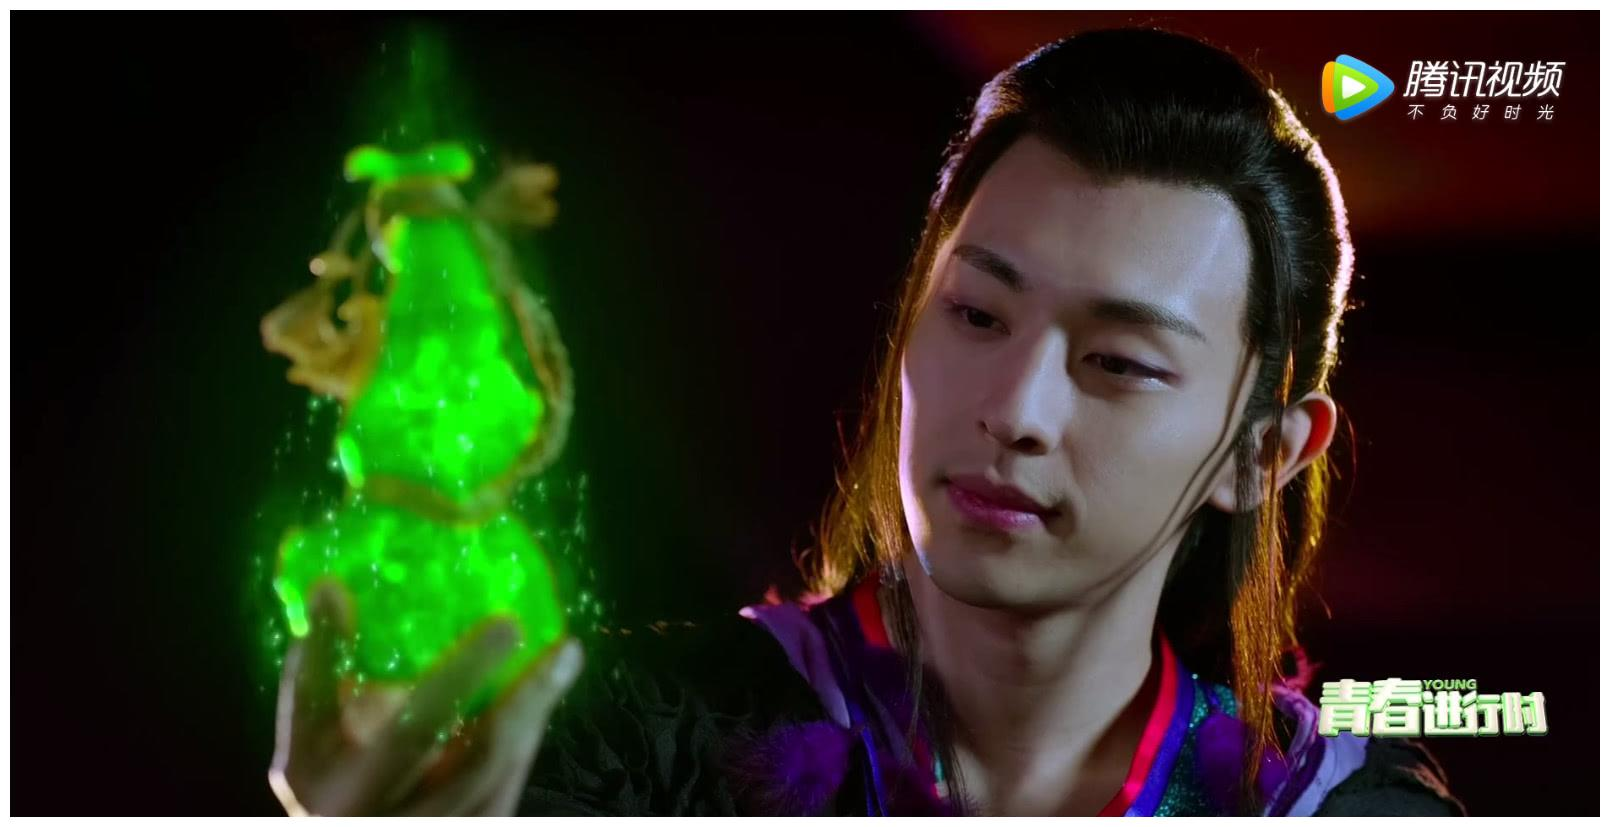 封神演义:杨戬不愿与小娥成亲,姜子牙算出玄机,做一事促成姻缘